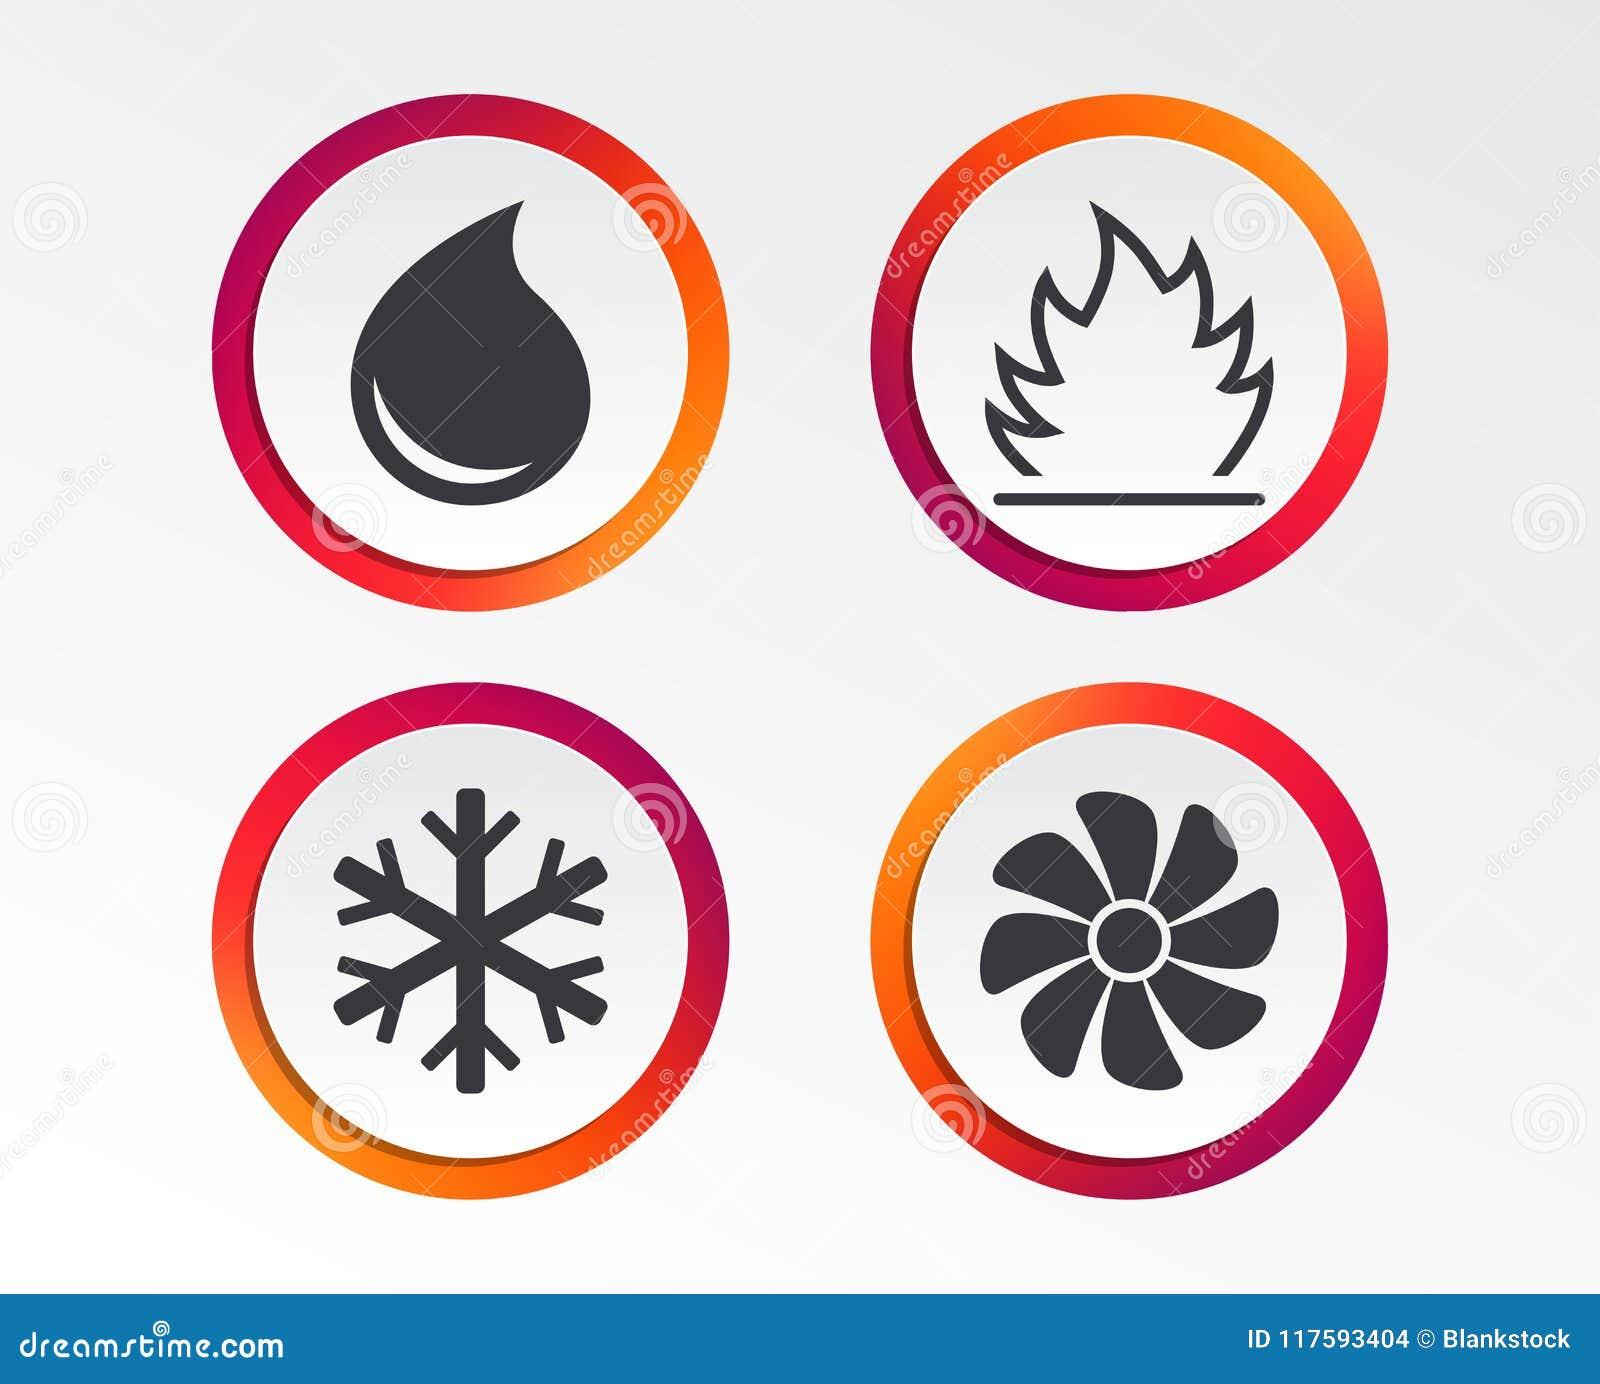 ATAC Aquecimento, ventilando e condicionamento de ar